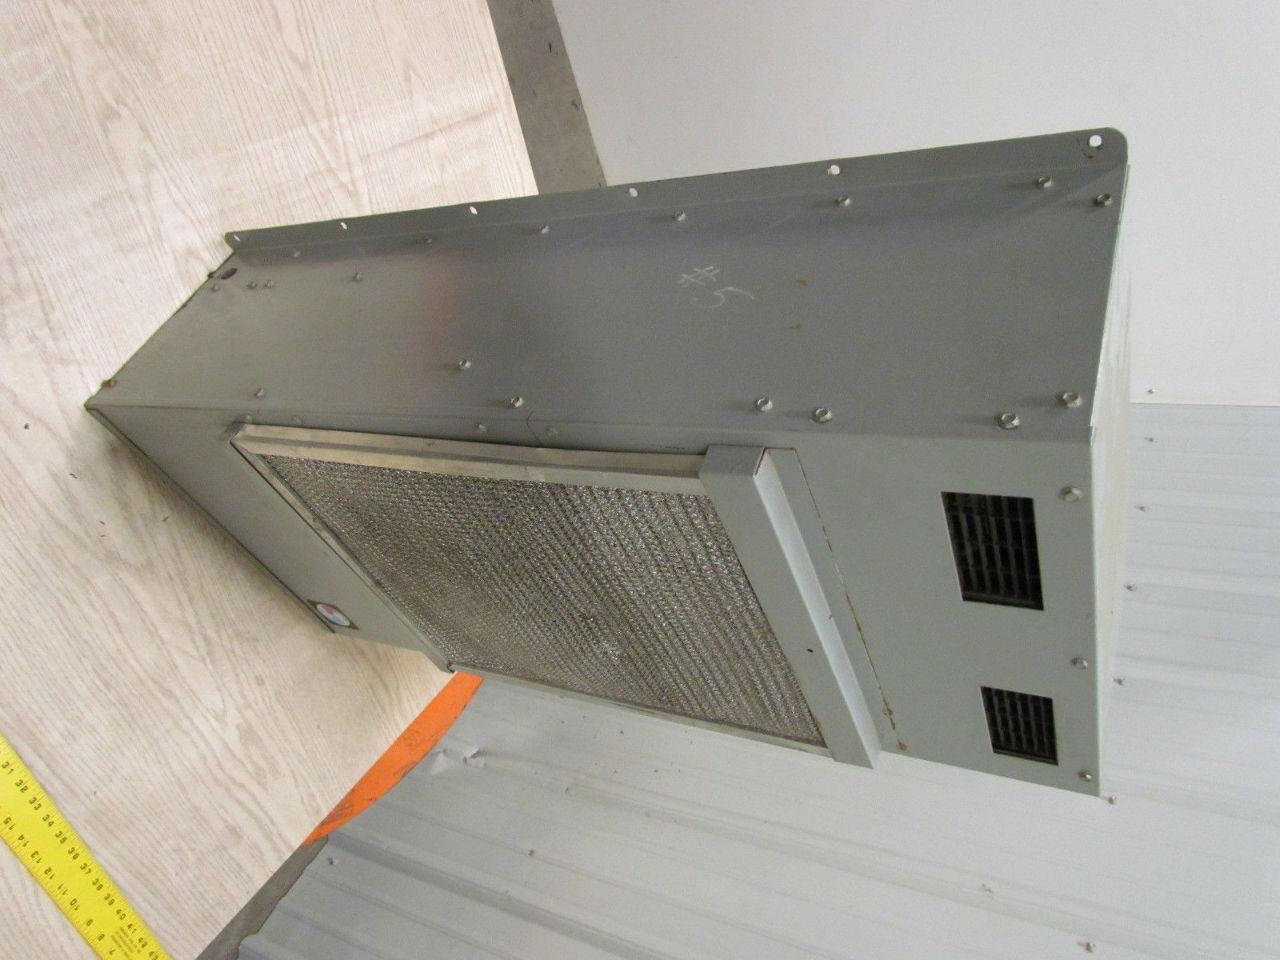 Midwest 36 0616 136 Electronic Enclosure Air Conditioner 6000 BTU #AFA31C